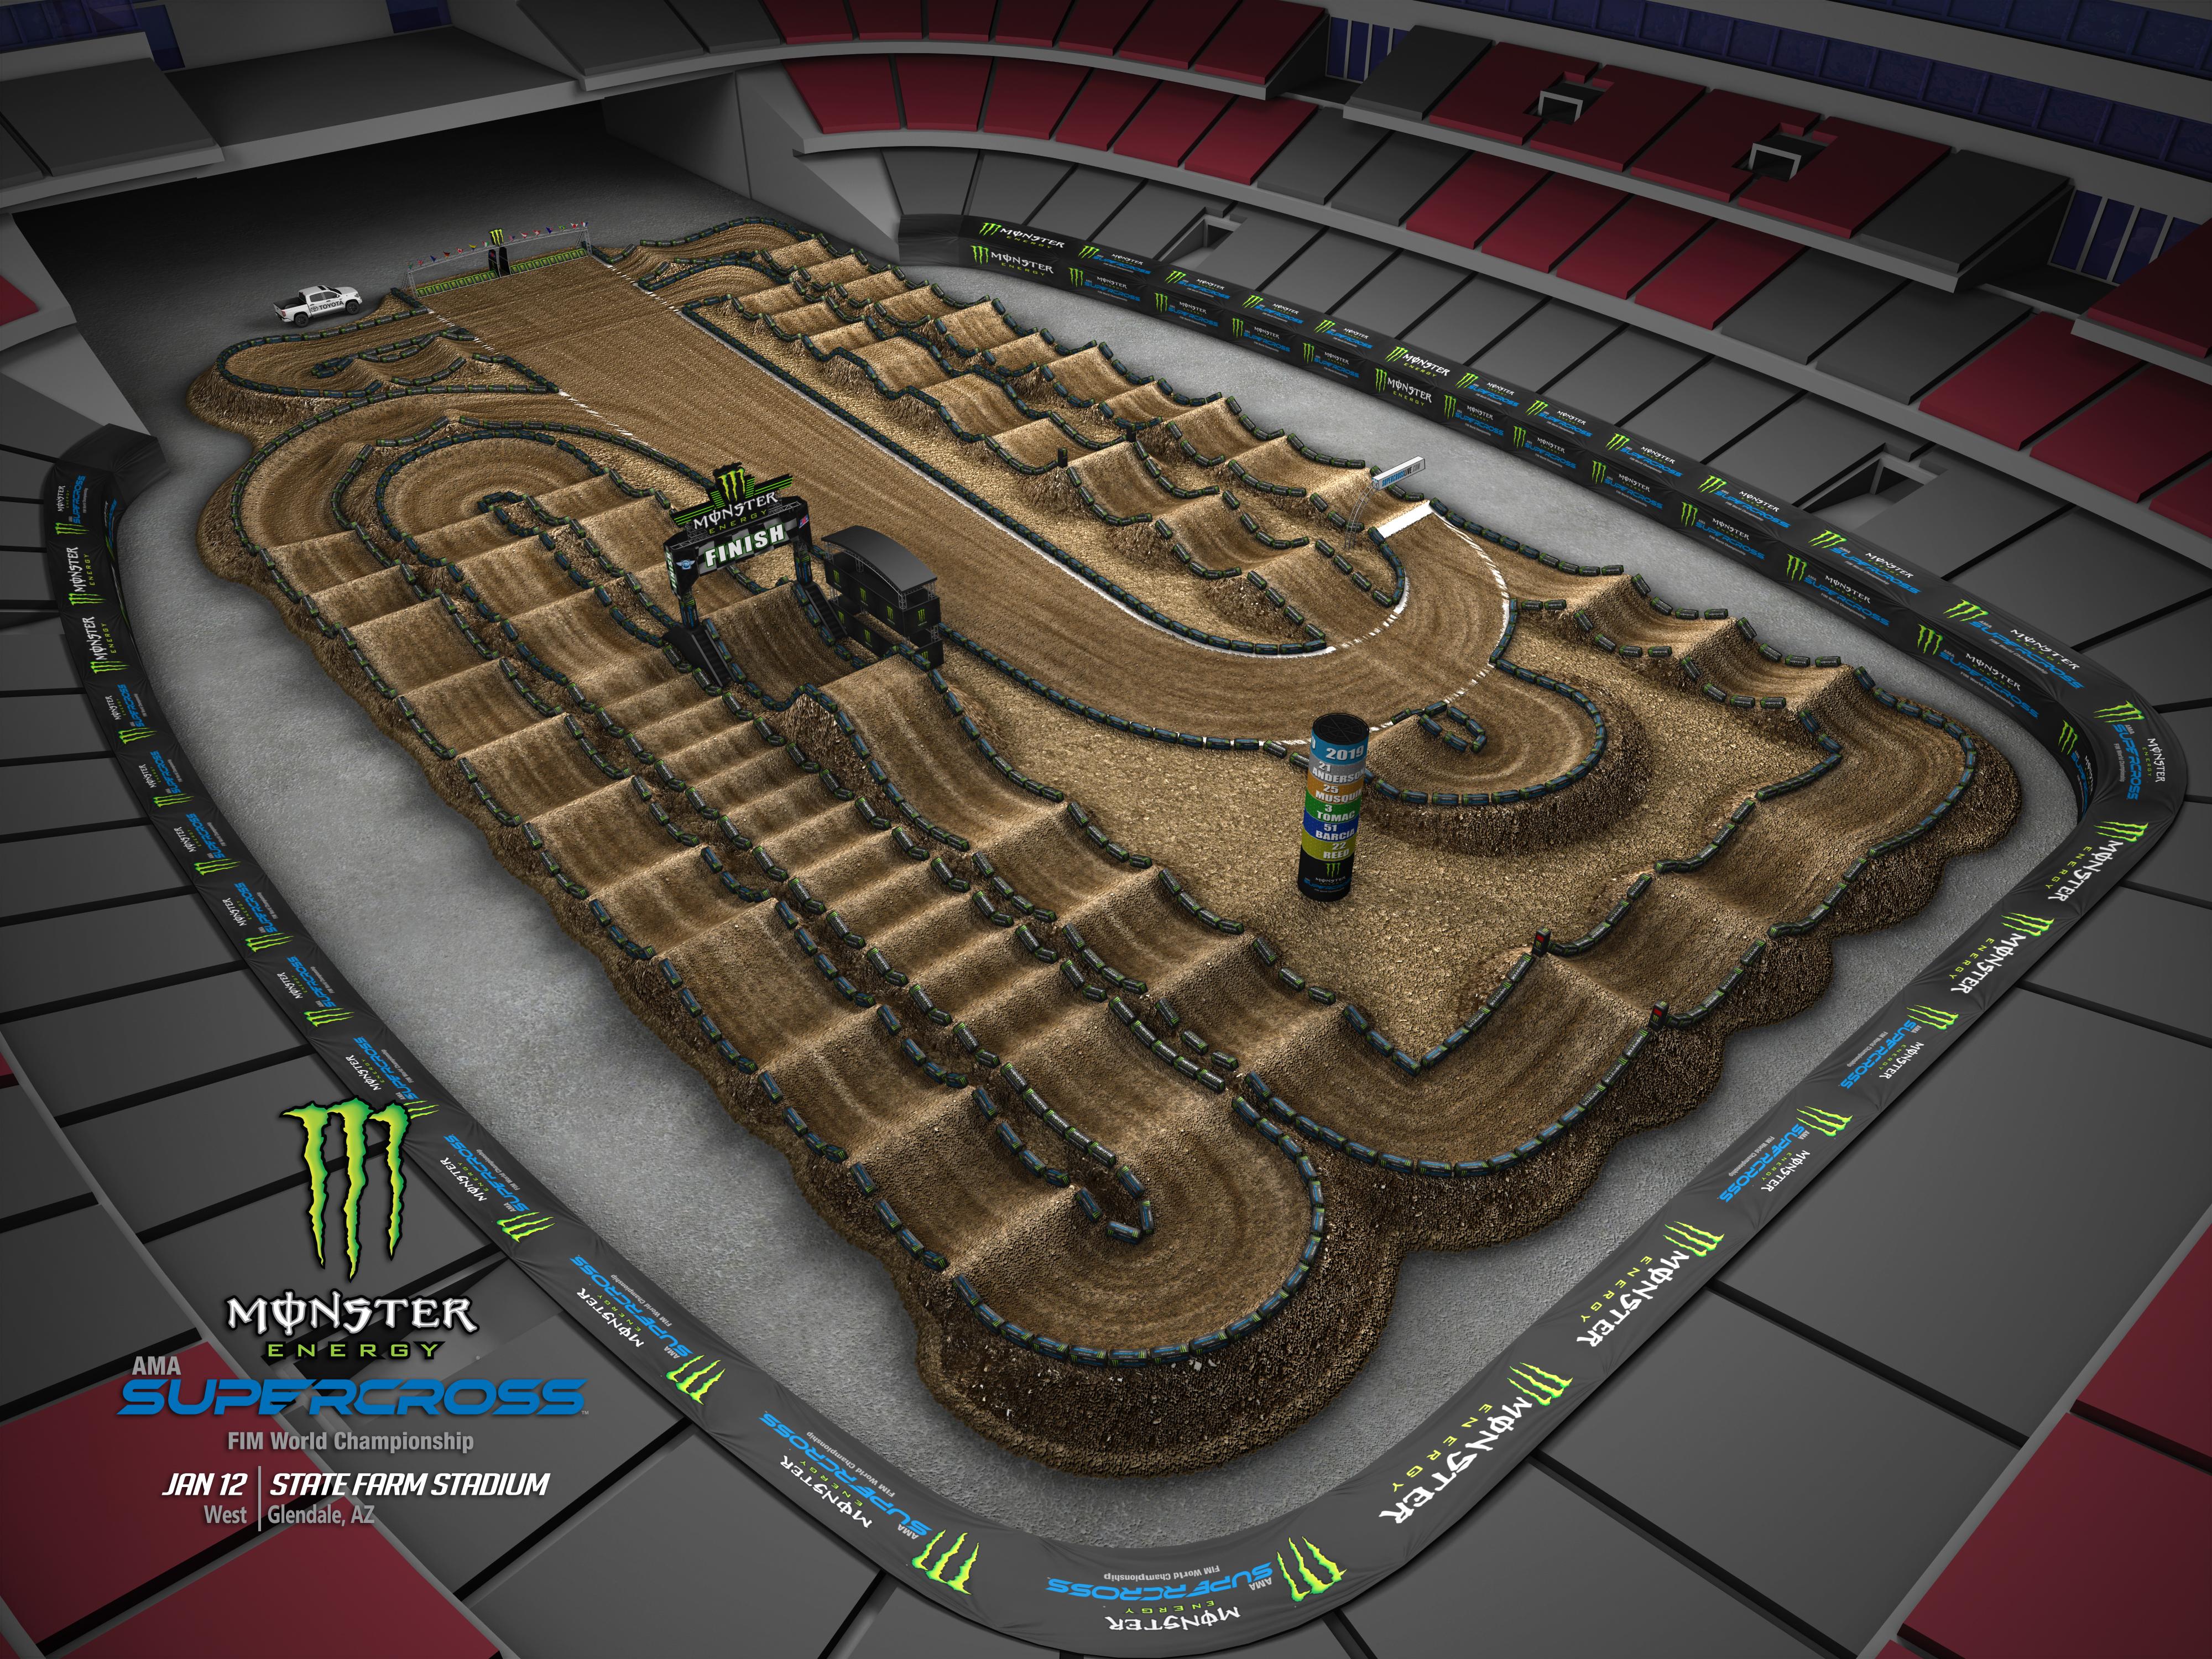 2019 Monster Energy Supercross Track Maps